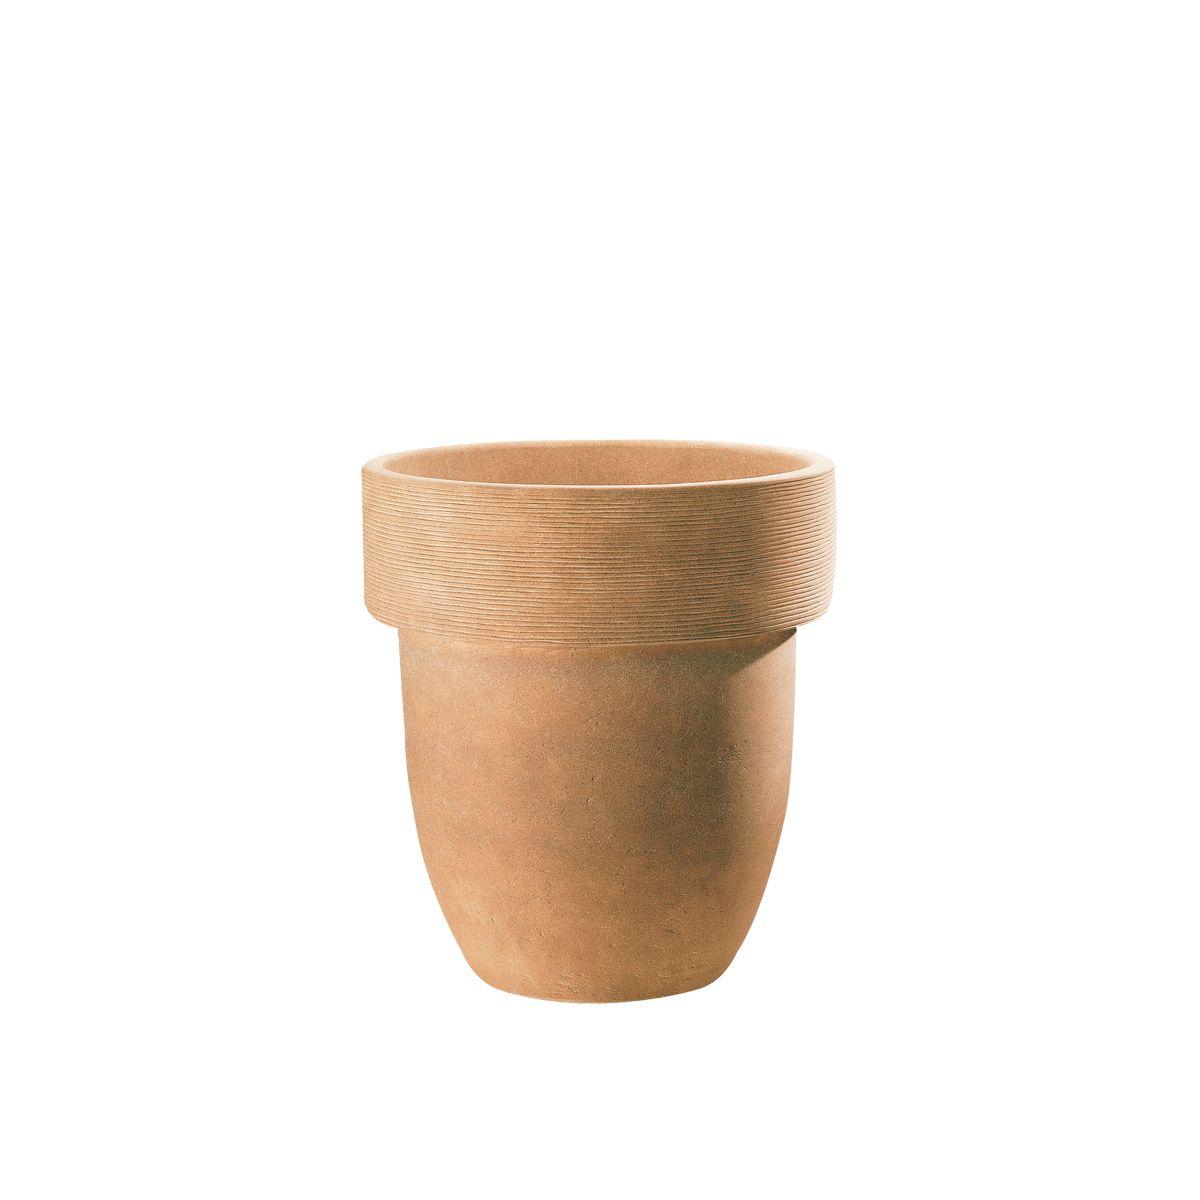 Pot de fleur tous les fournisseurs jardiniere bac a fleurs bois ceramique metal - Pot fleur bois ...